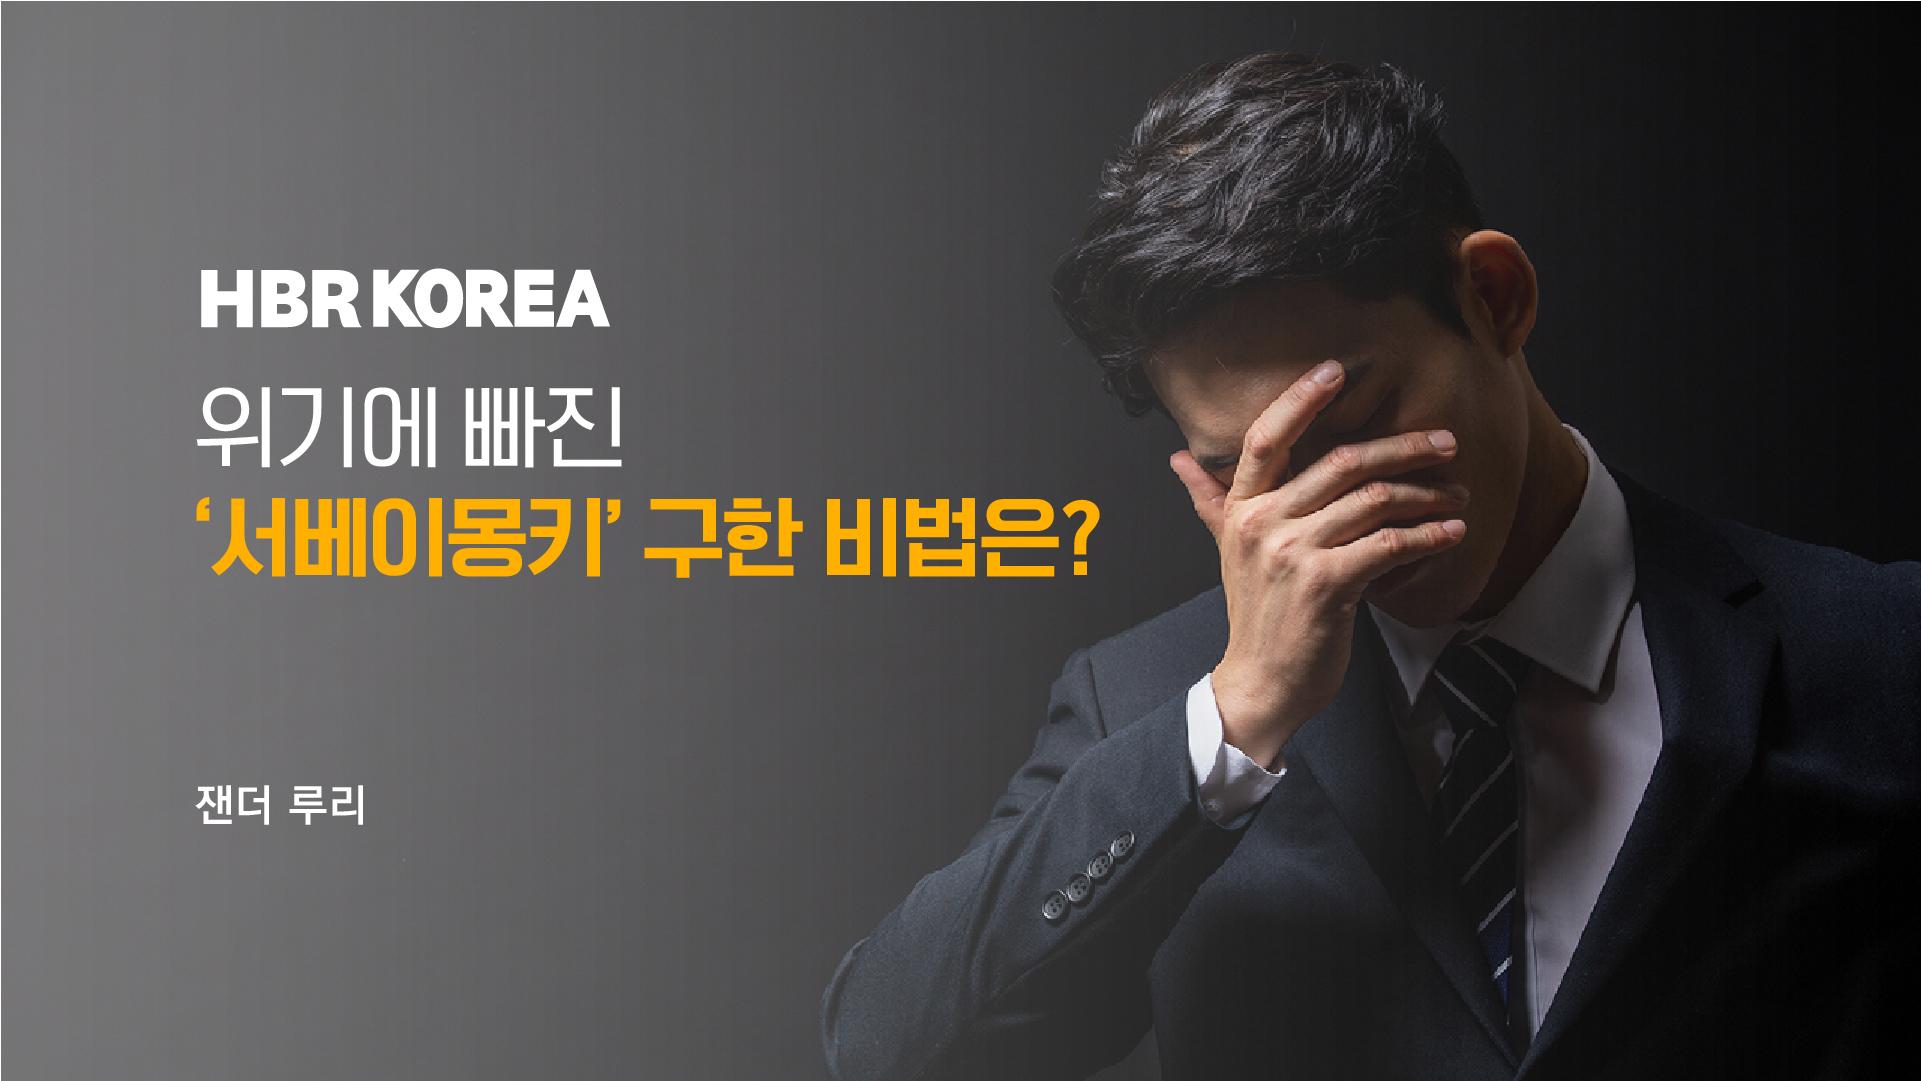 위기에 빠진 서베이몽키 구한 비법은?